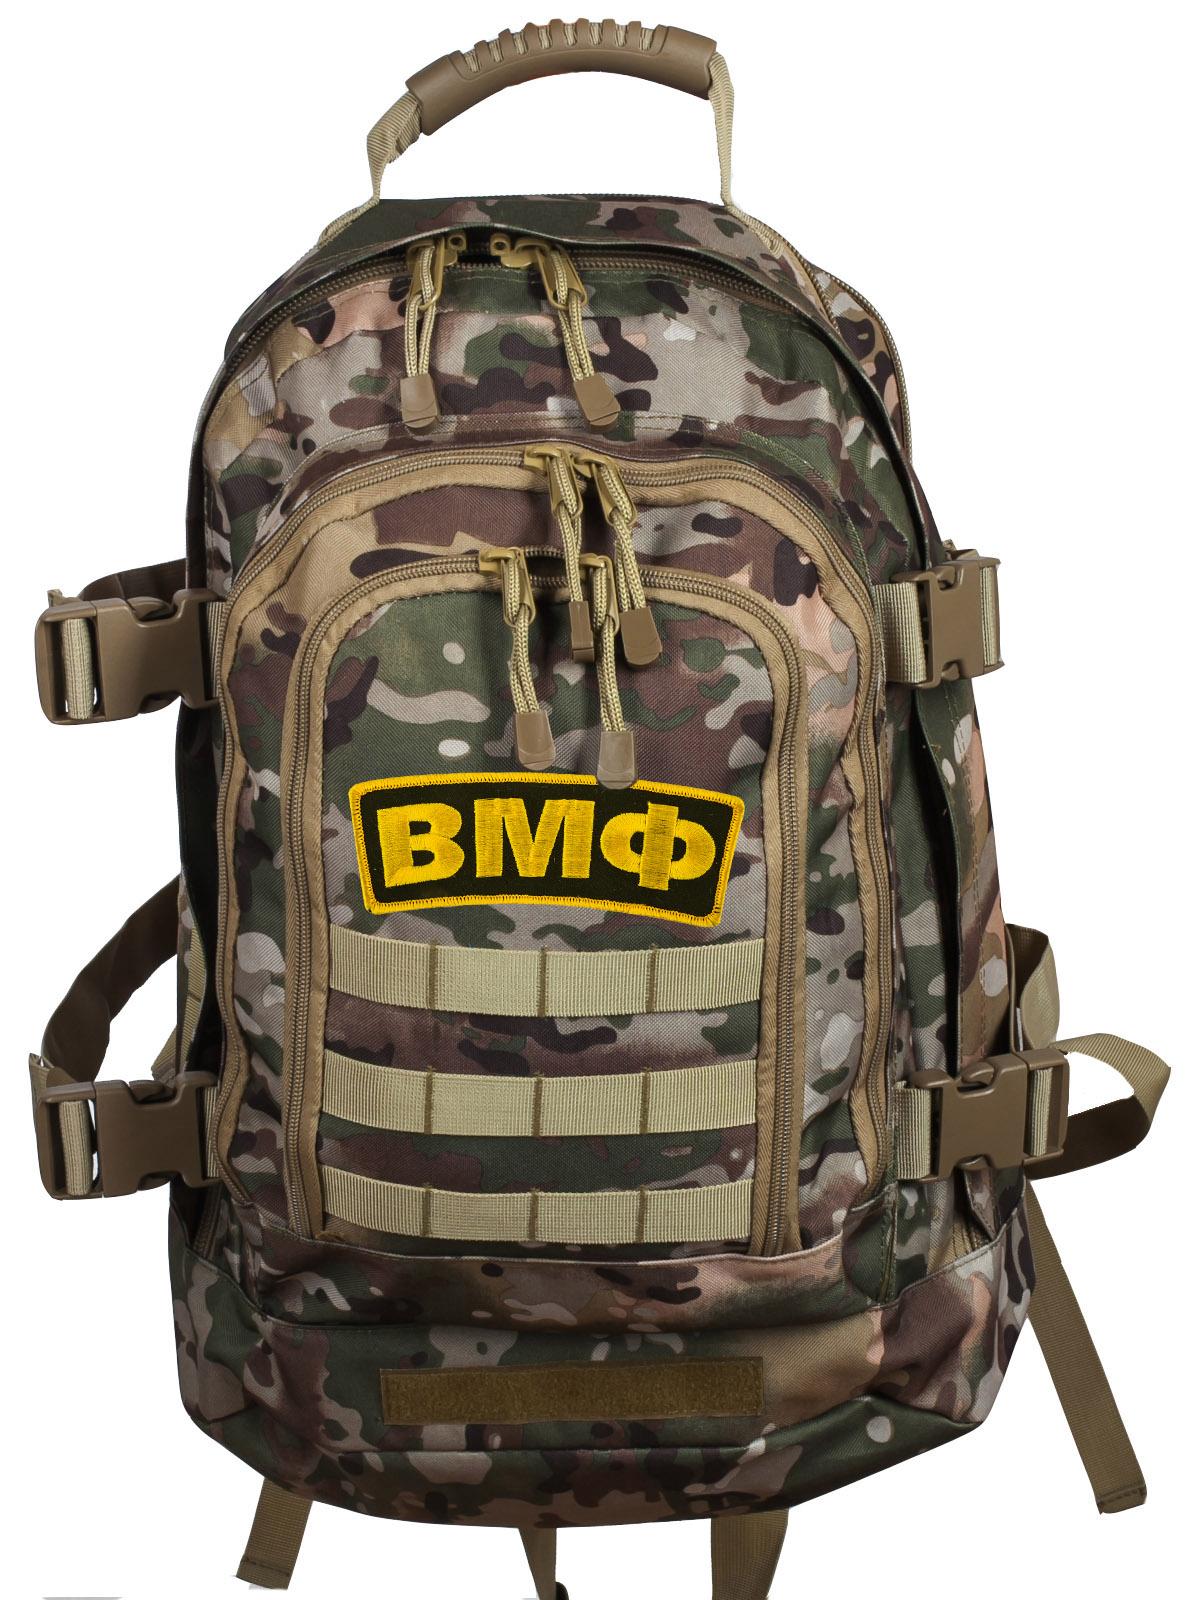 Армейский тактический рюкзак с нашивкой ВМФ - заказать онлайн